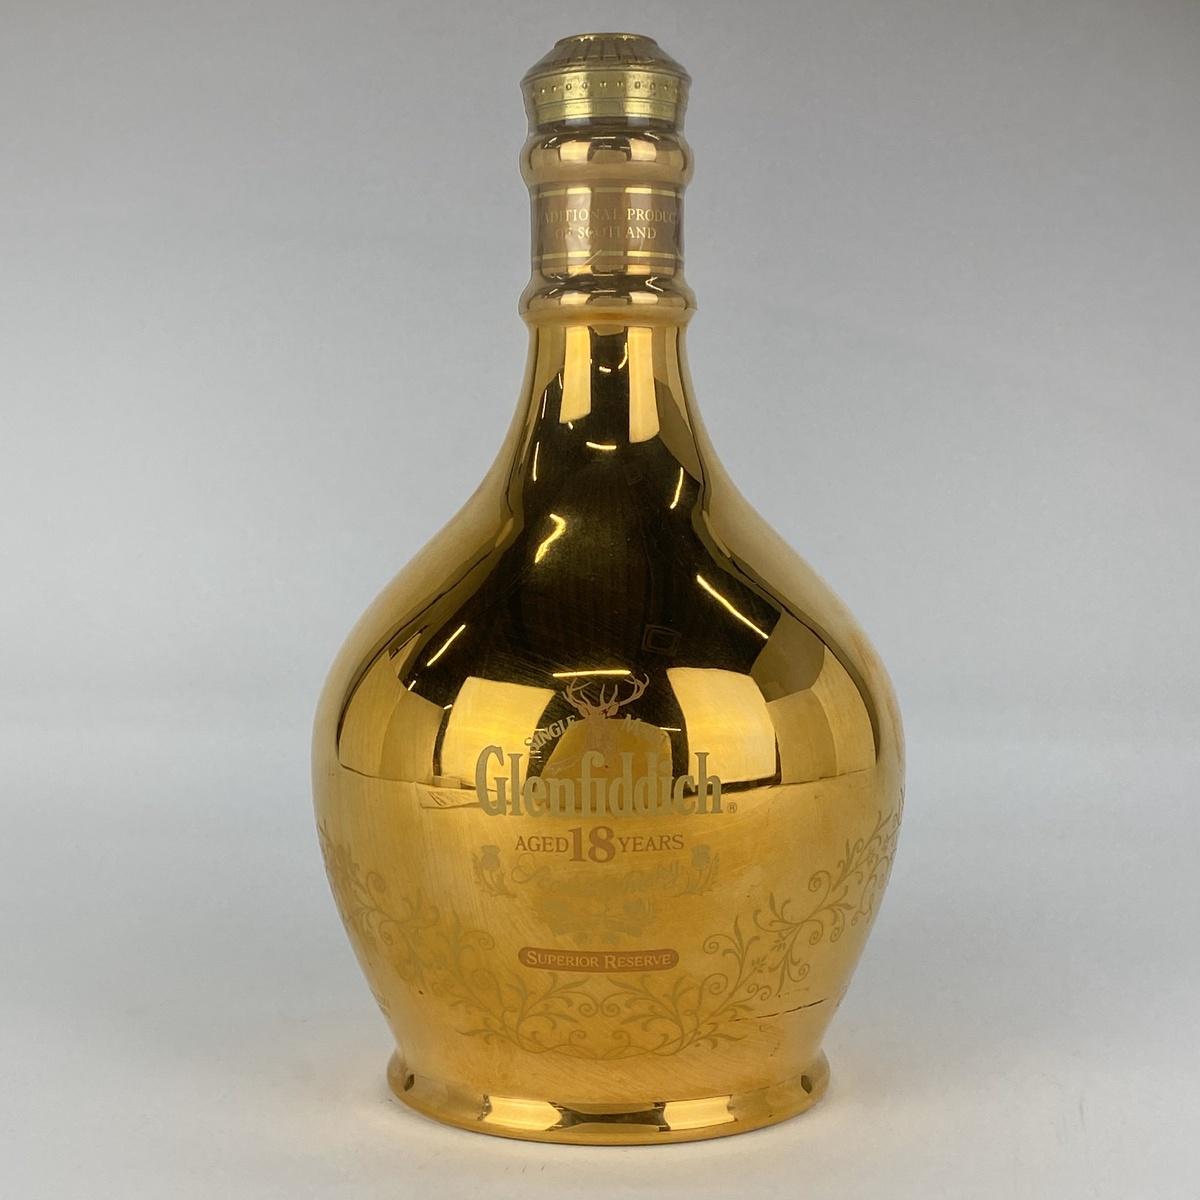 グレンフィディック Glenfiddich 18年ゴールドデキャンタ 750ml スコッチウイスキー シングルモルト 【古酒】